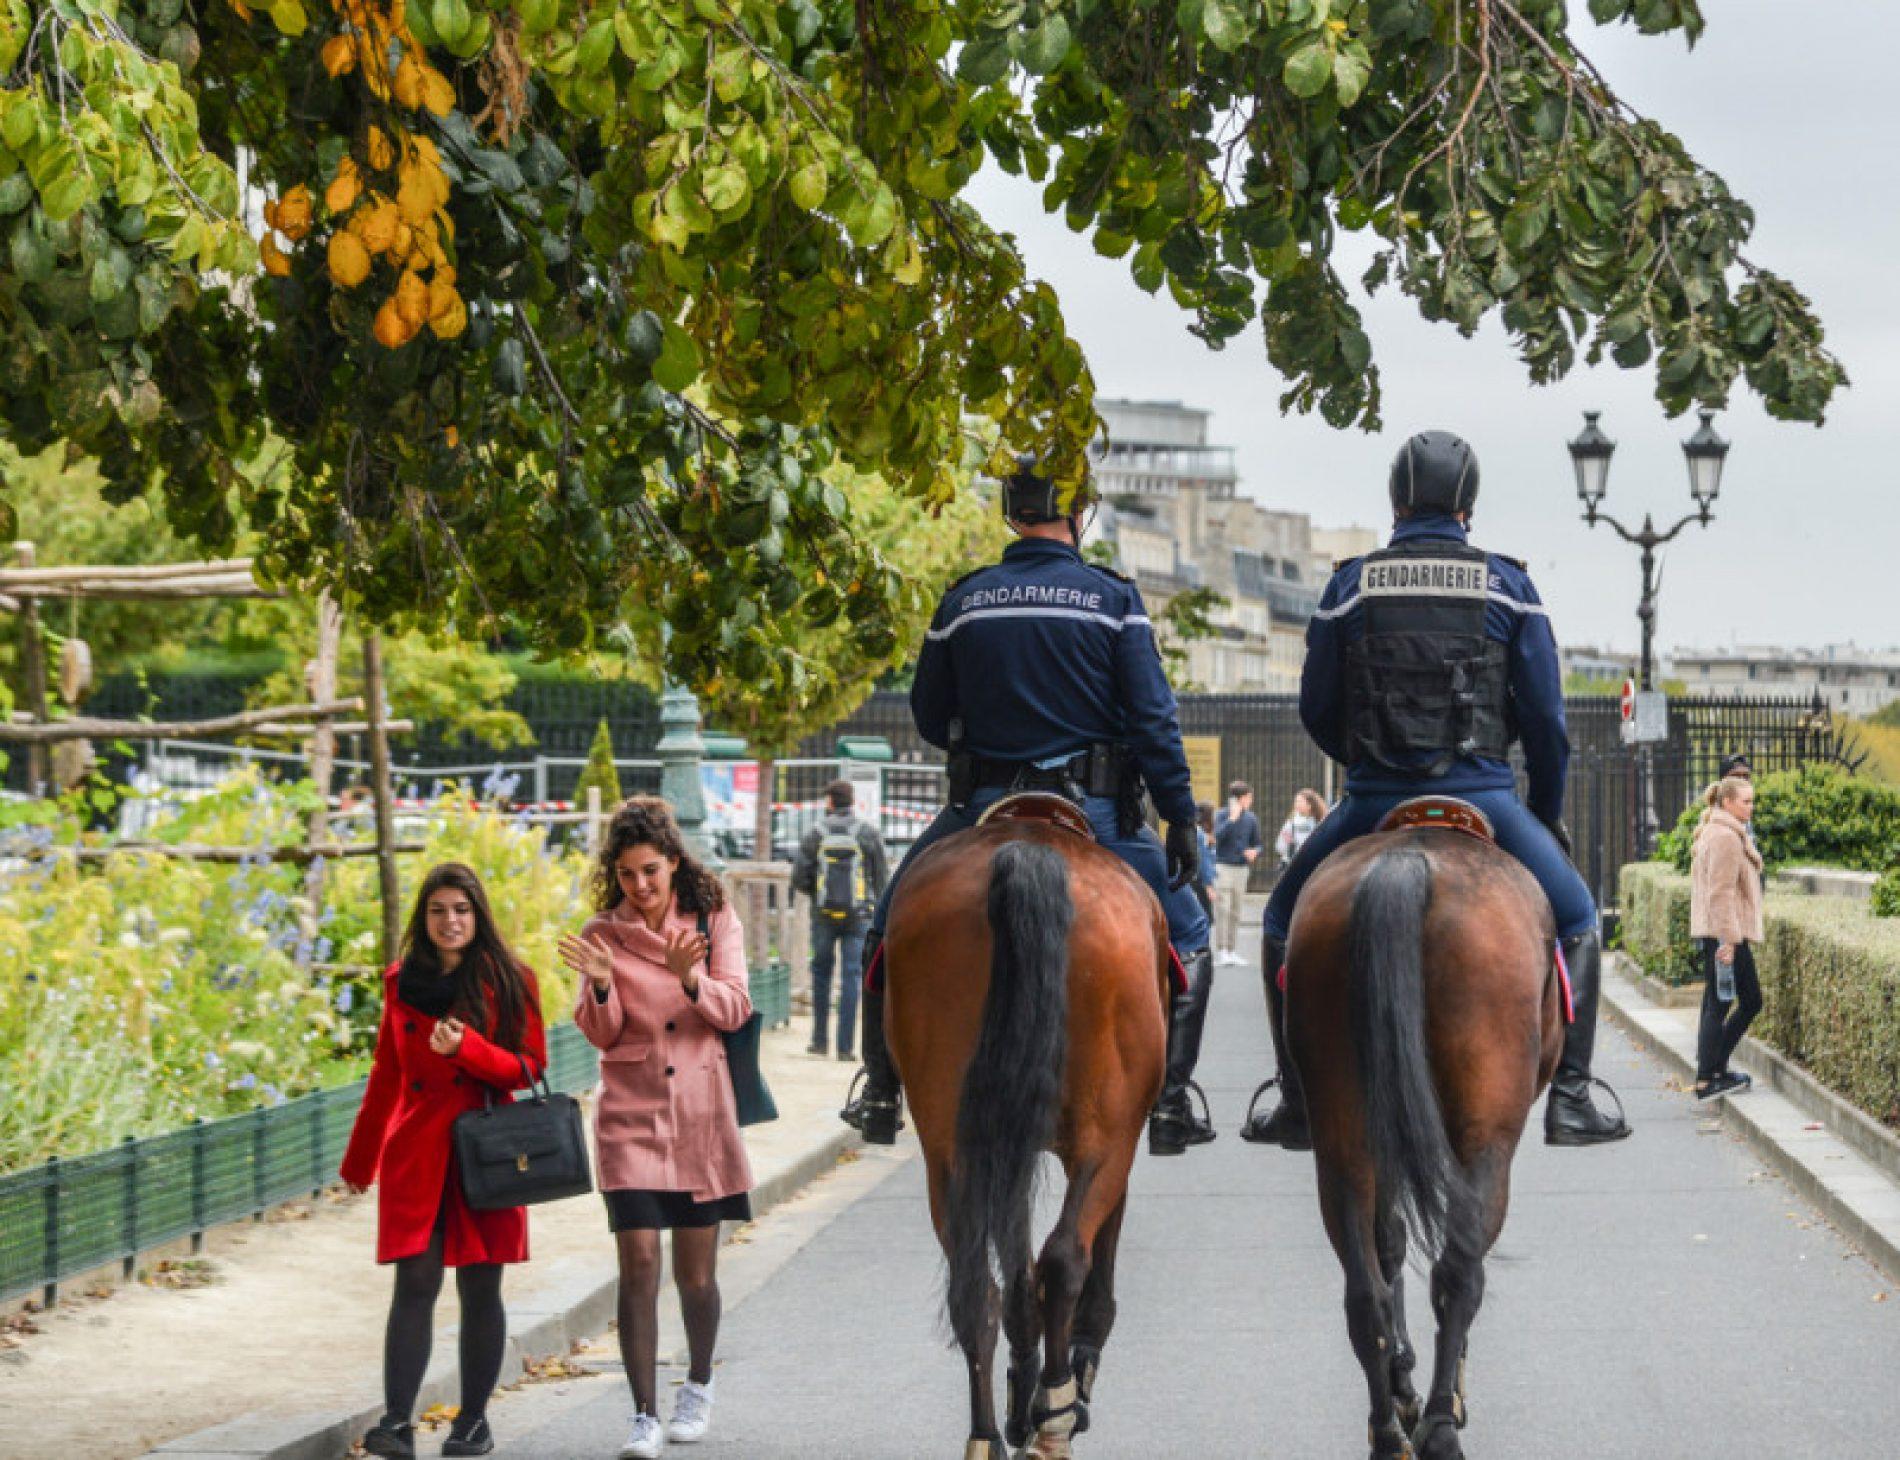 France: Une police de l'environnement va patrouiller dans les zones touristiques